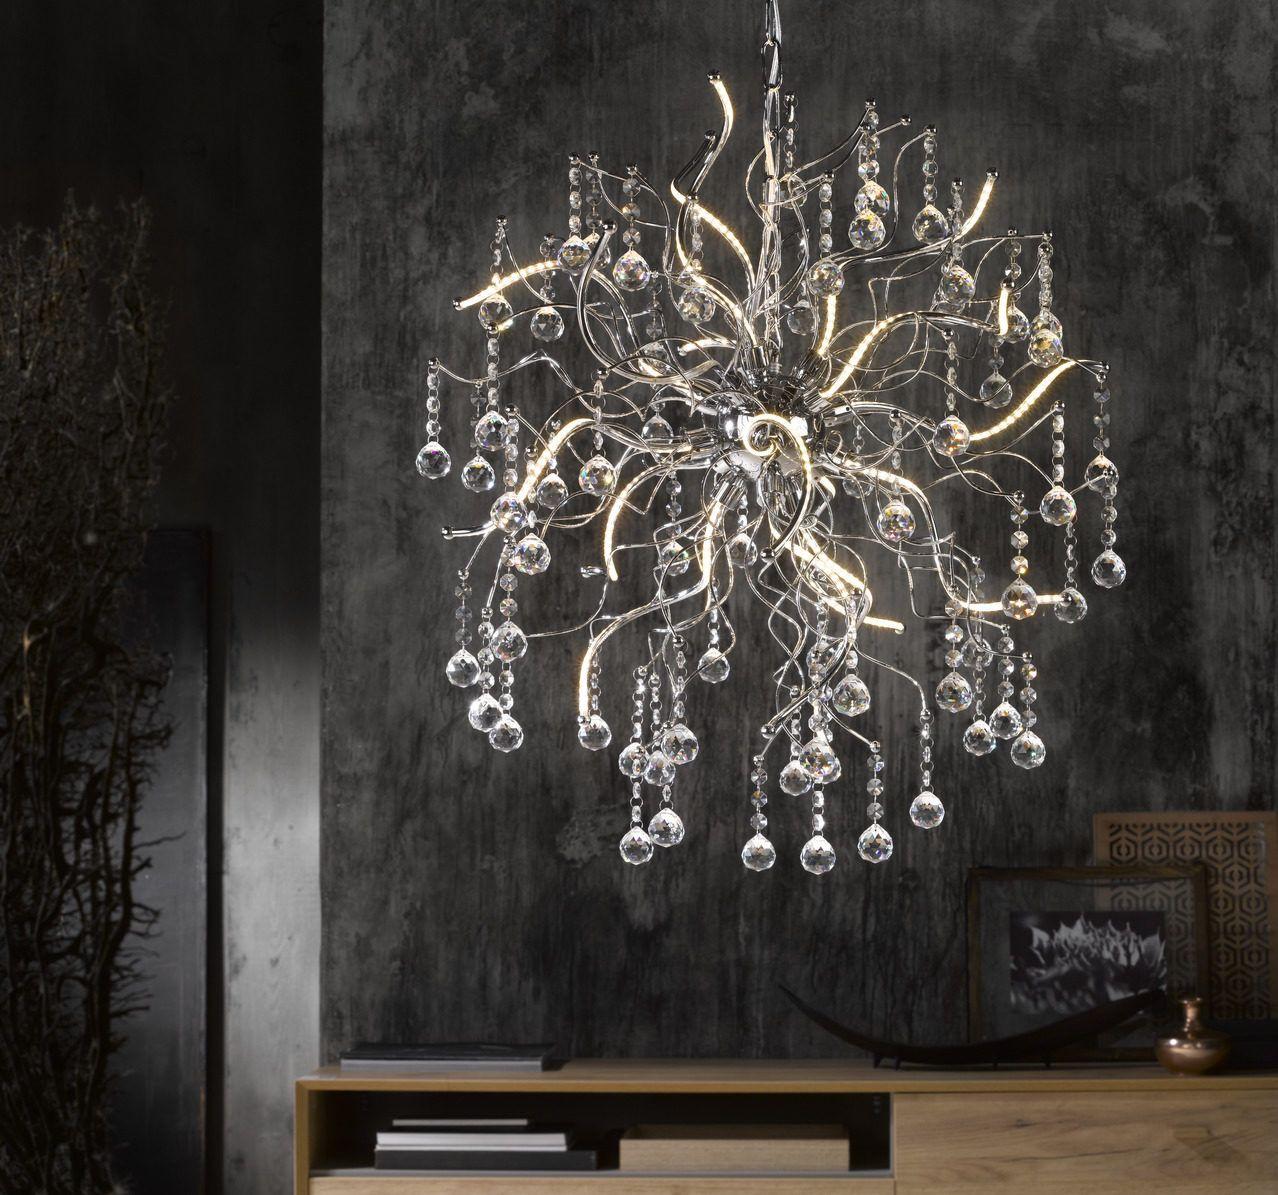 Hochwertiges Designerstück mit Wow-Effekt: Dieser Kristalllüster verzaubert mit einem detailreichen Design und herrlichen Materialien.